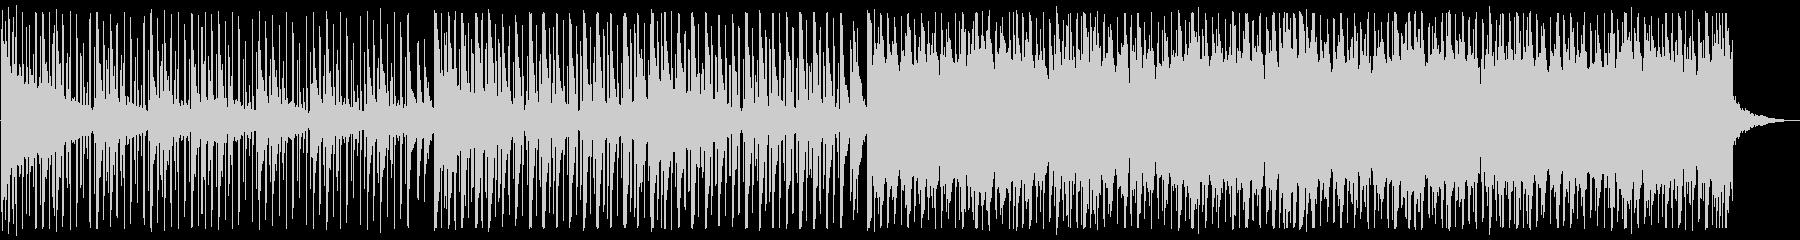 避暑地/トロピカルハウス_No629_3の未再生の波形